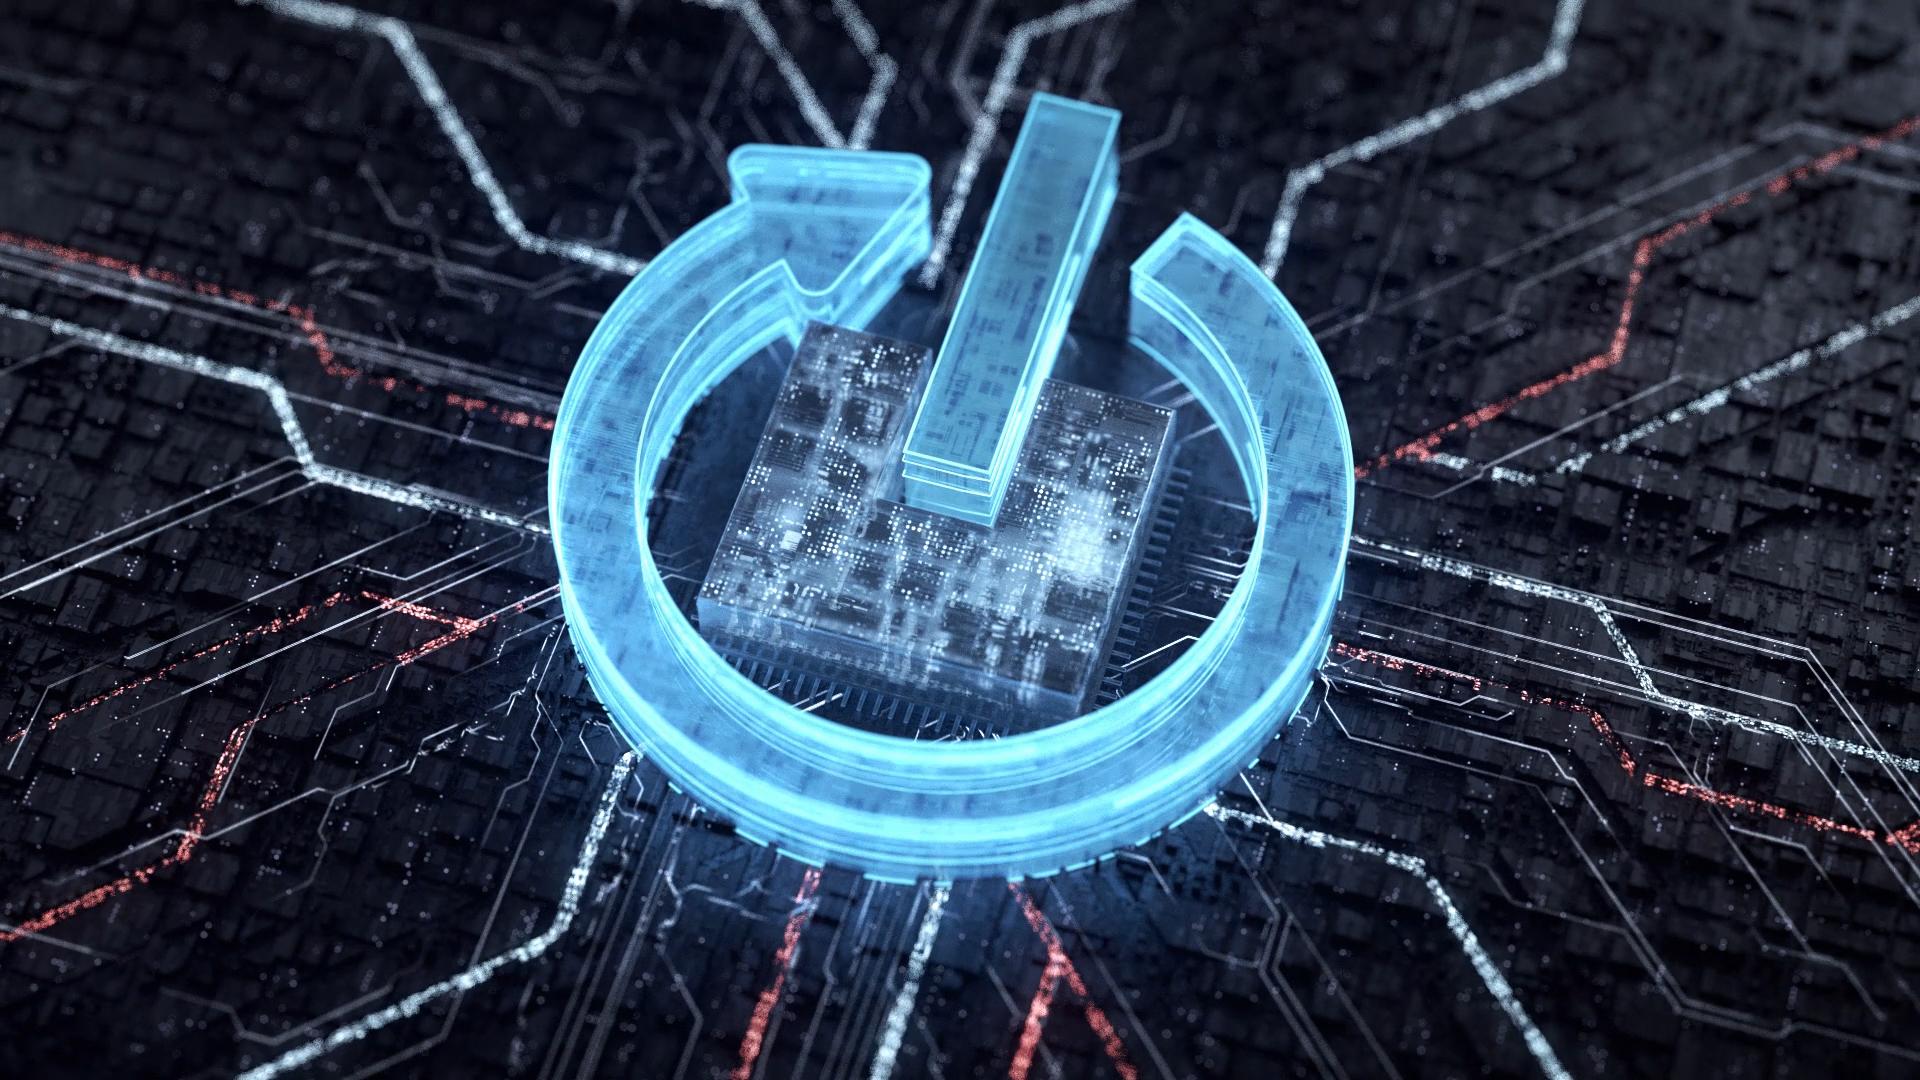 HP_Security_RKS0900.jpg